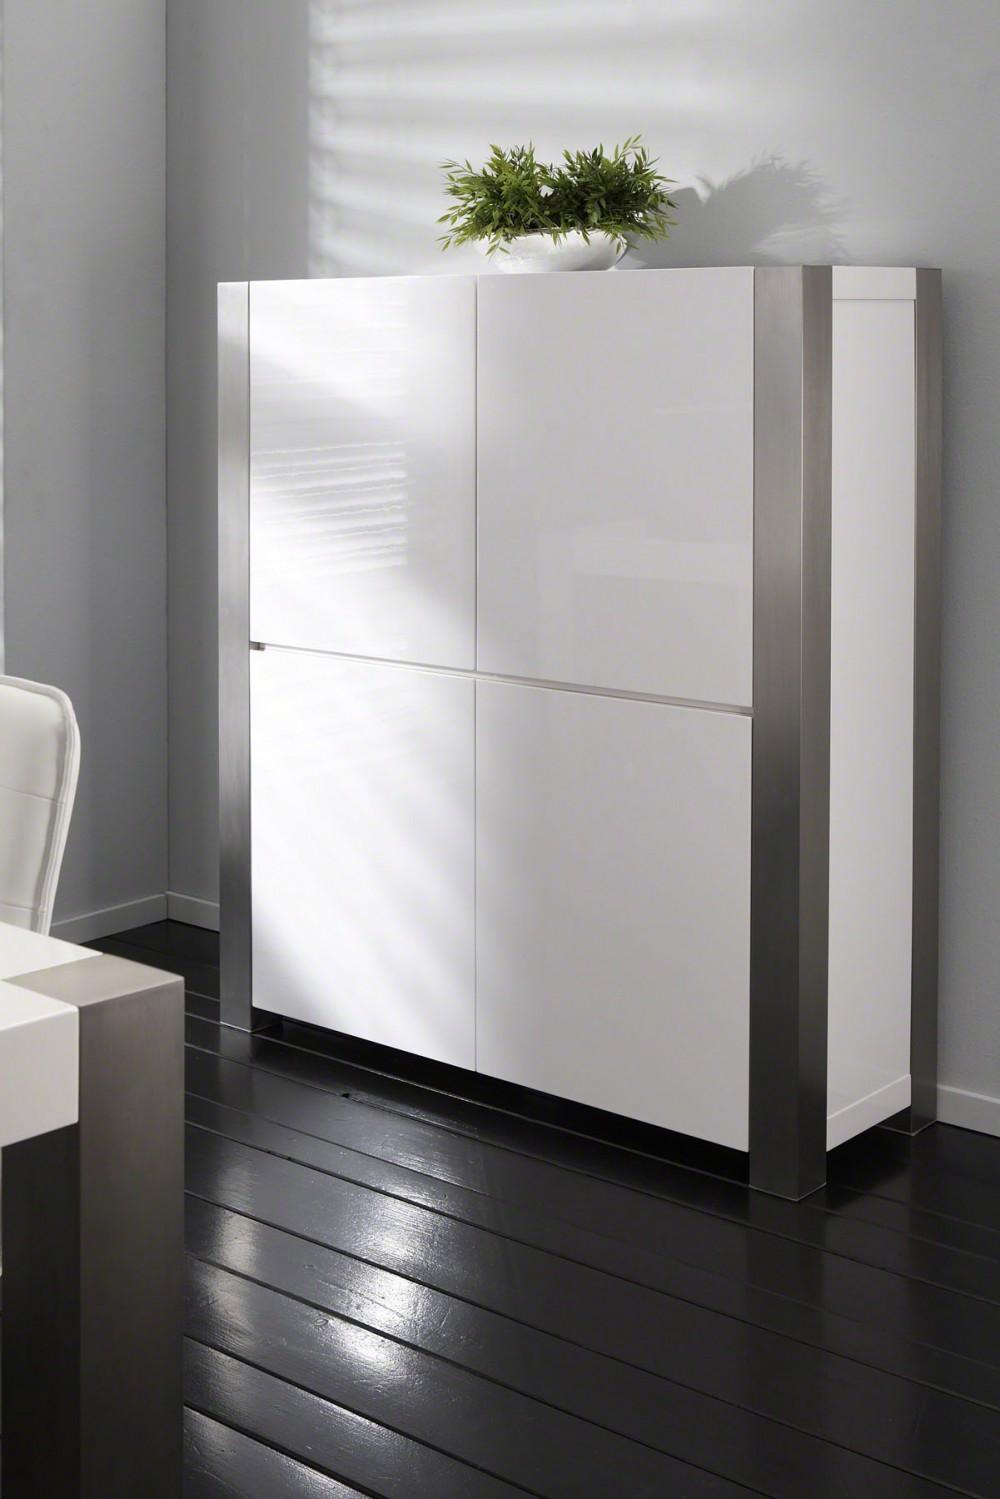 schrank wei hochglanz mit vier t ren h he 140 cm. Black Bedroom Furniture Sets. Home Design Ideas